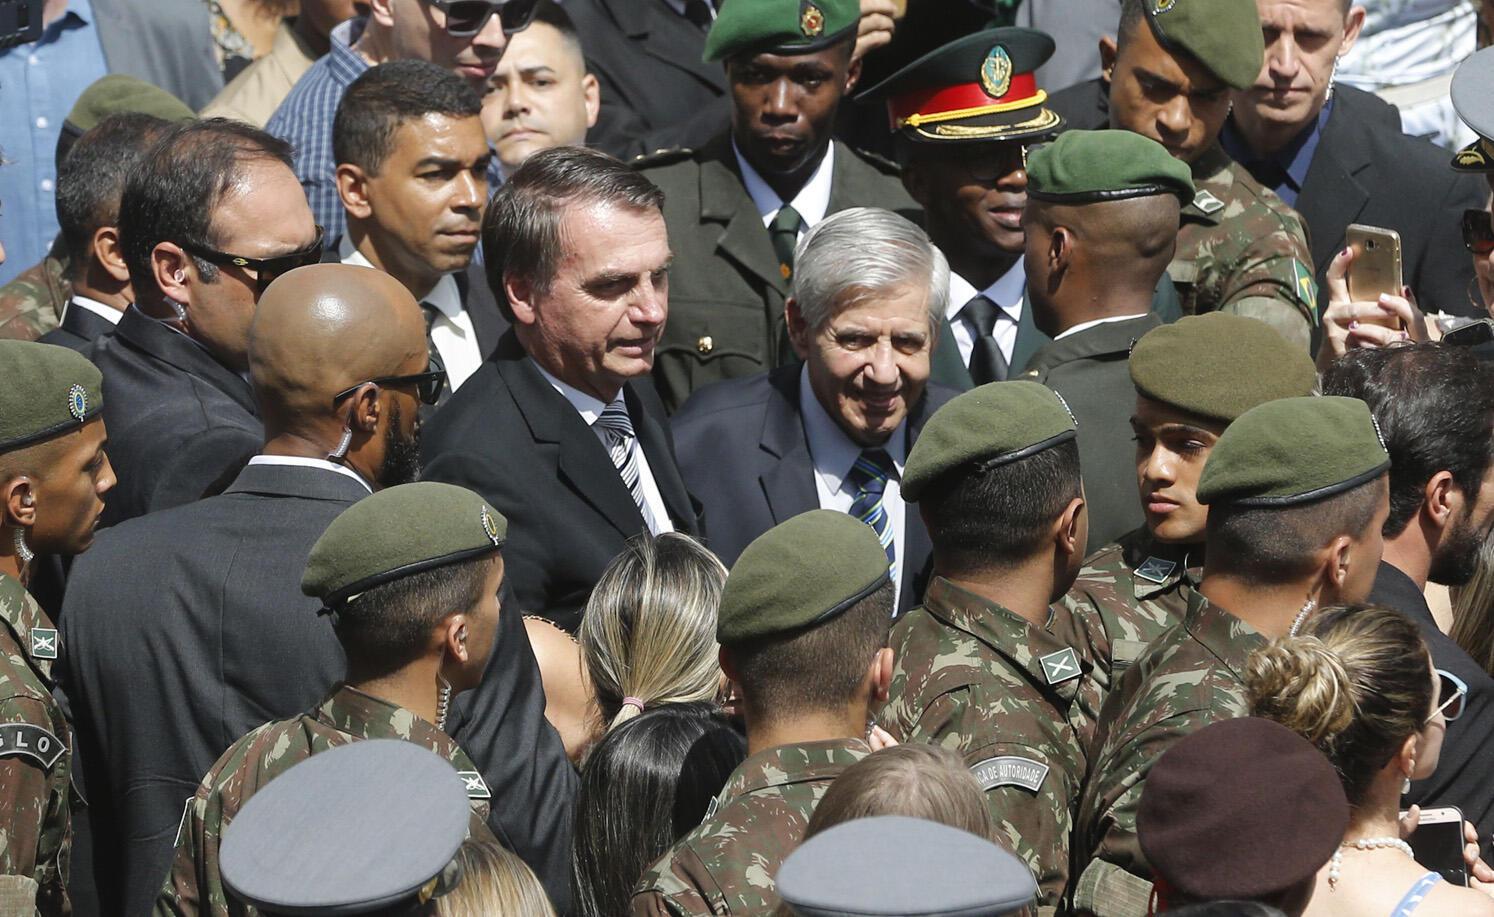 O presidente Jair Bolsonaro participa da formatura e diplomação de militares na Escola de Aperfeiçoamento de Oficiais, na Vila Militar em Deodoro, no Rio de Janeiro.